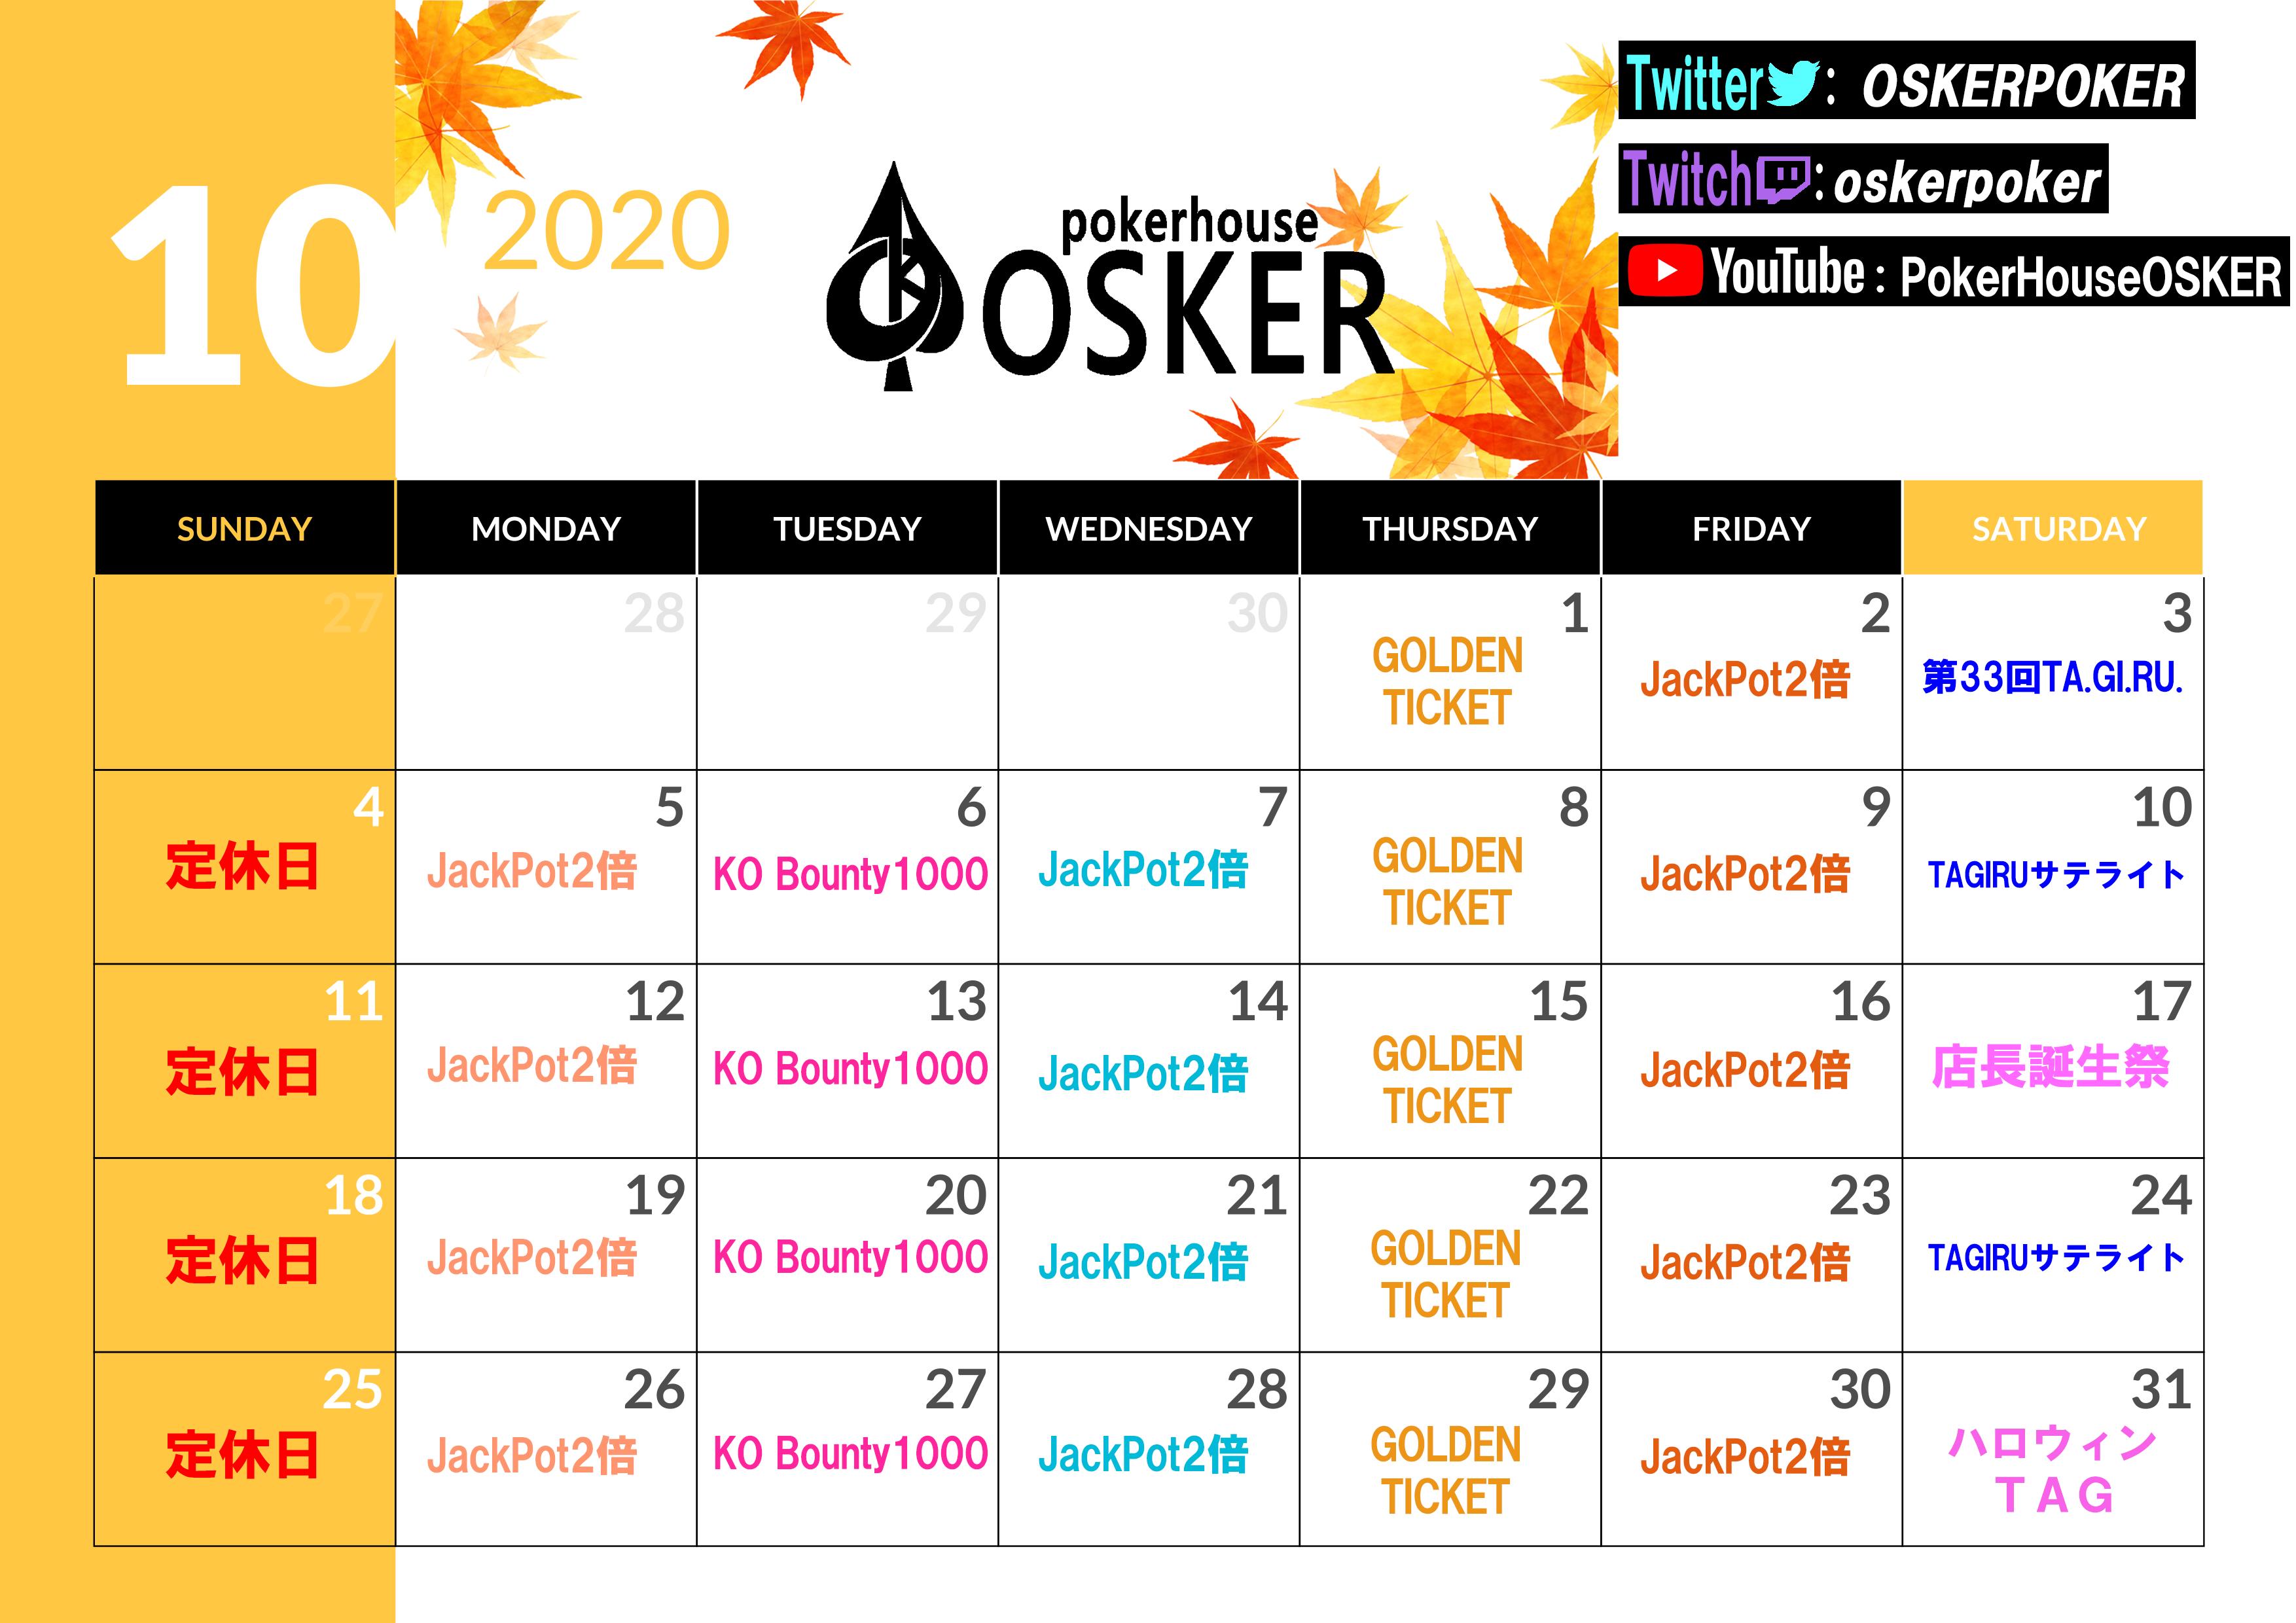 10月のイベント表です! 毎日トーナメント&リングゲーム開催中!